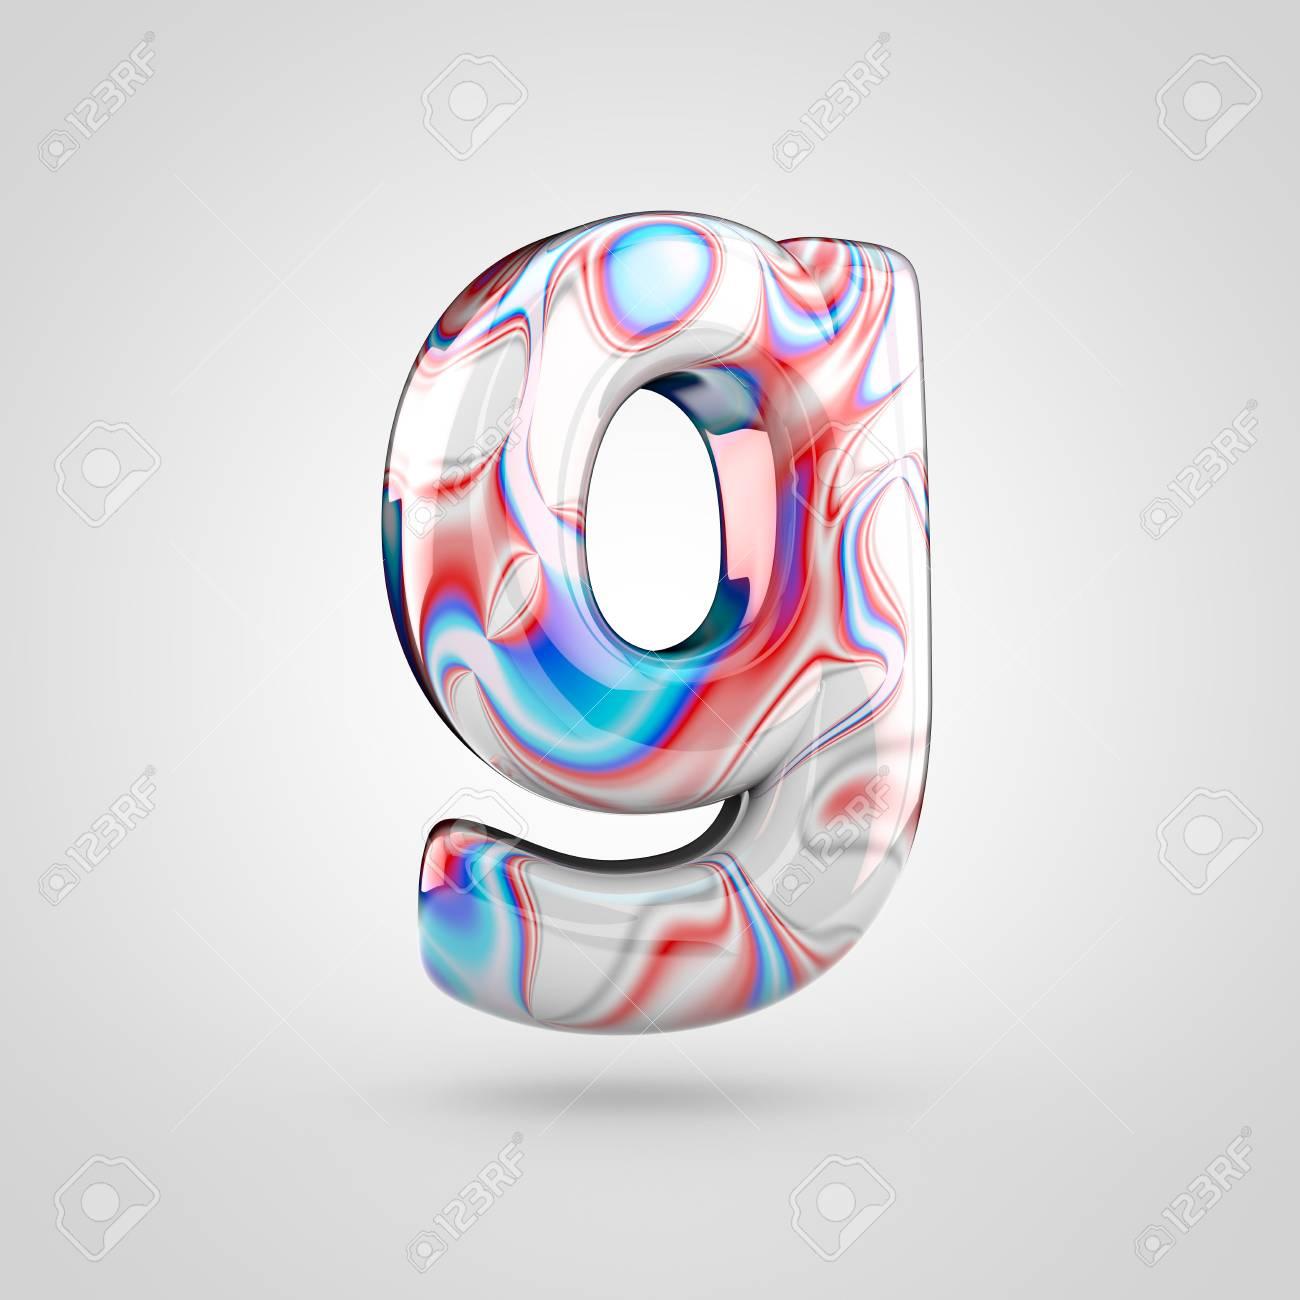 Glossy water marble alphabet letter g lowercase 3d rendering glossy water marble alphabet letter g lowercase 3d rendering font with acrylic red blue altavistaventures Gallery